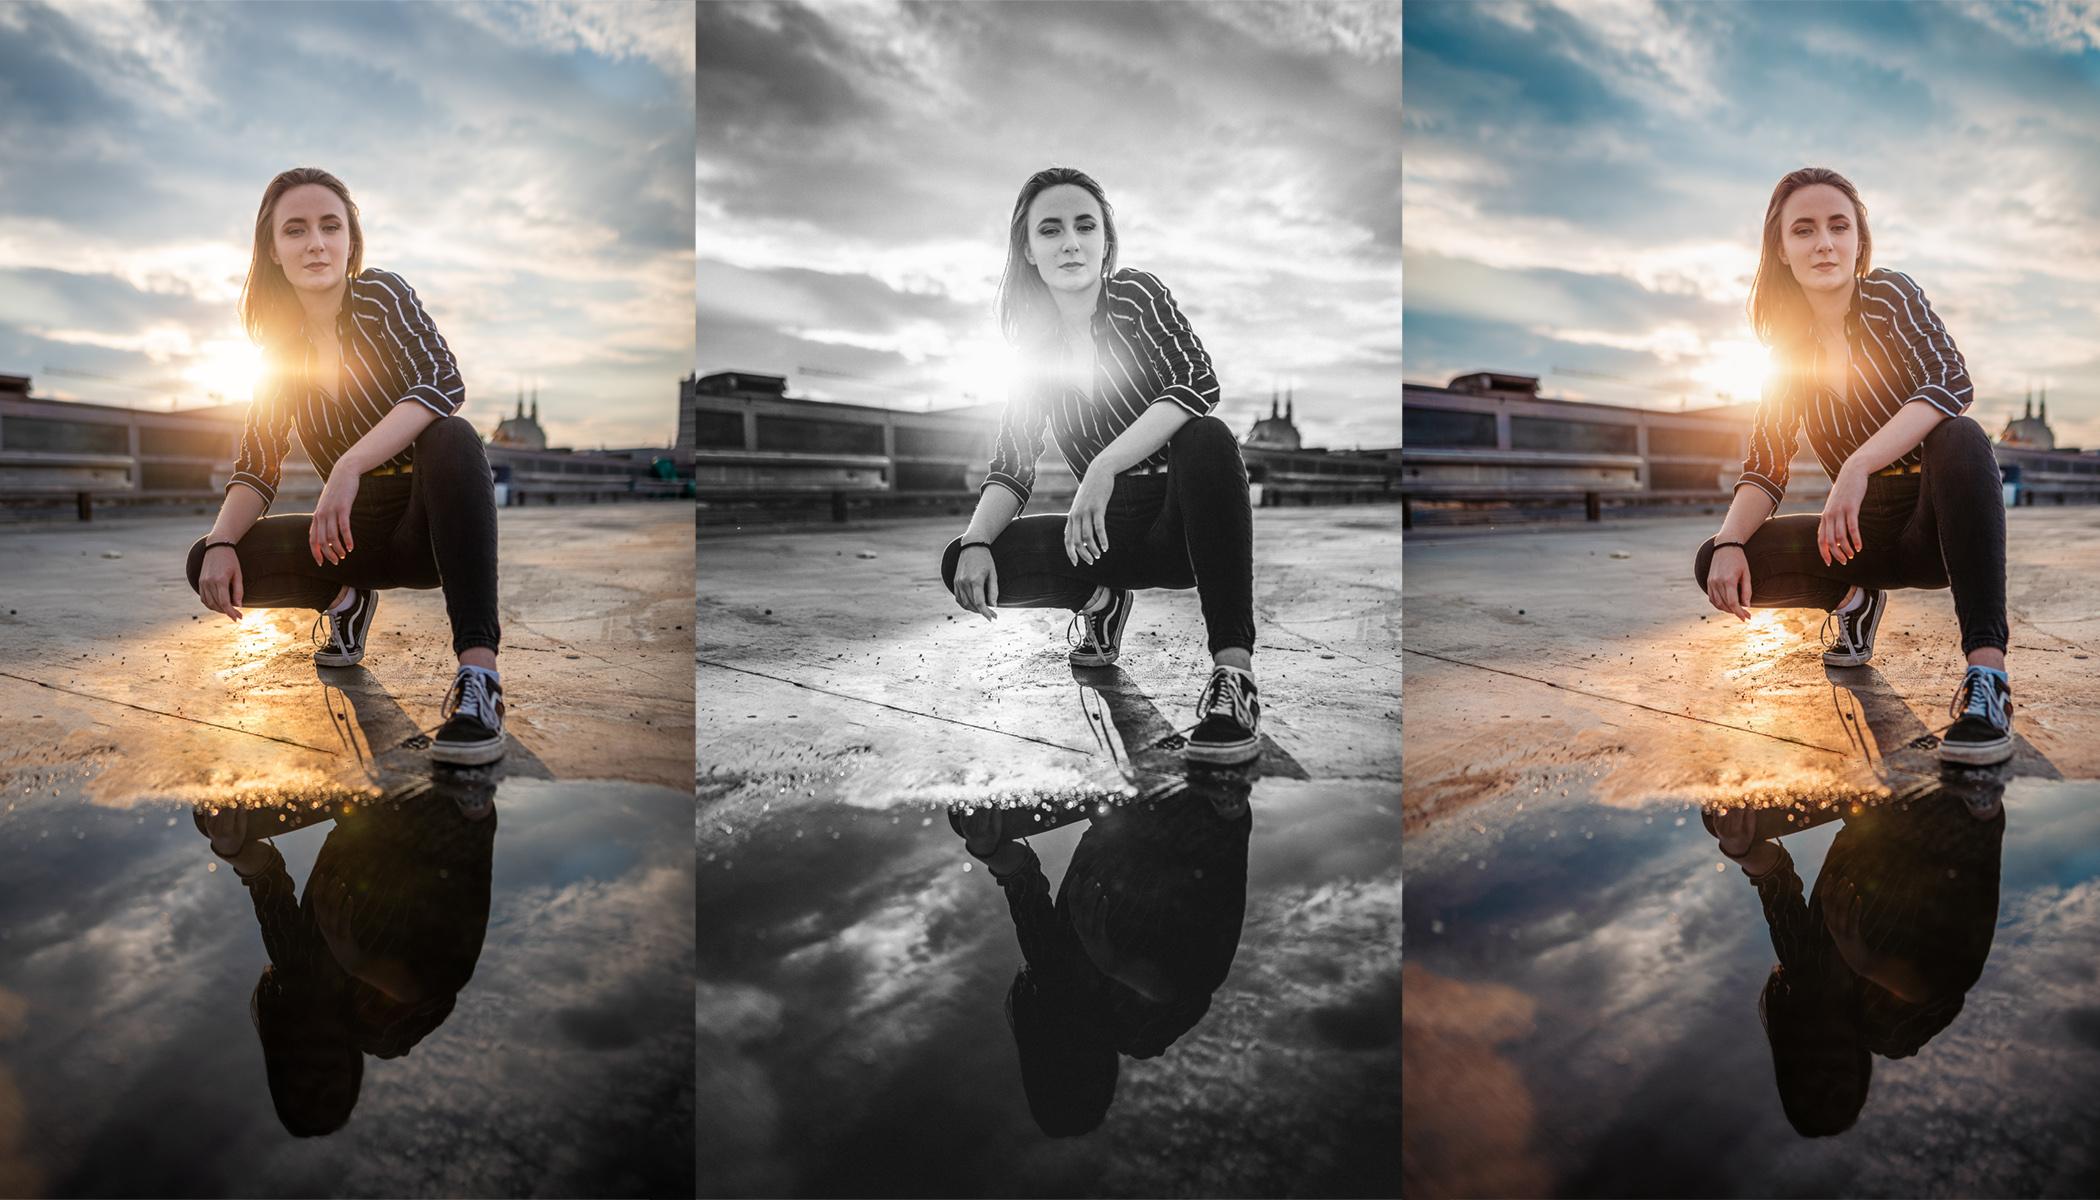 バリアント:写真の編集の複数のバージョンを作成する